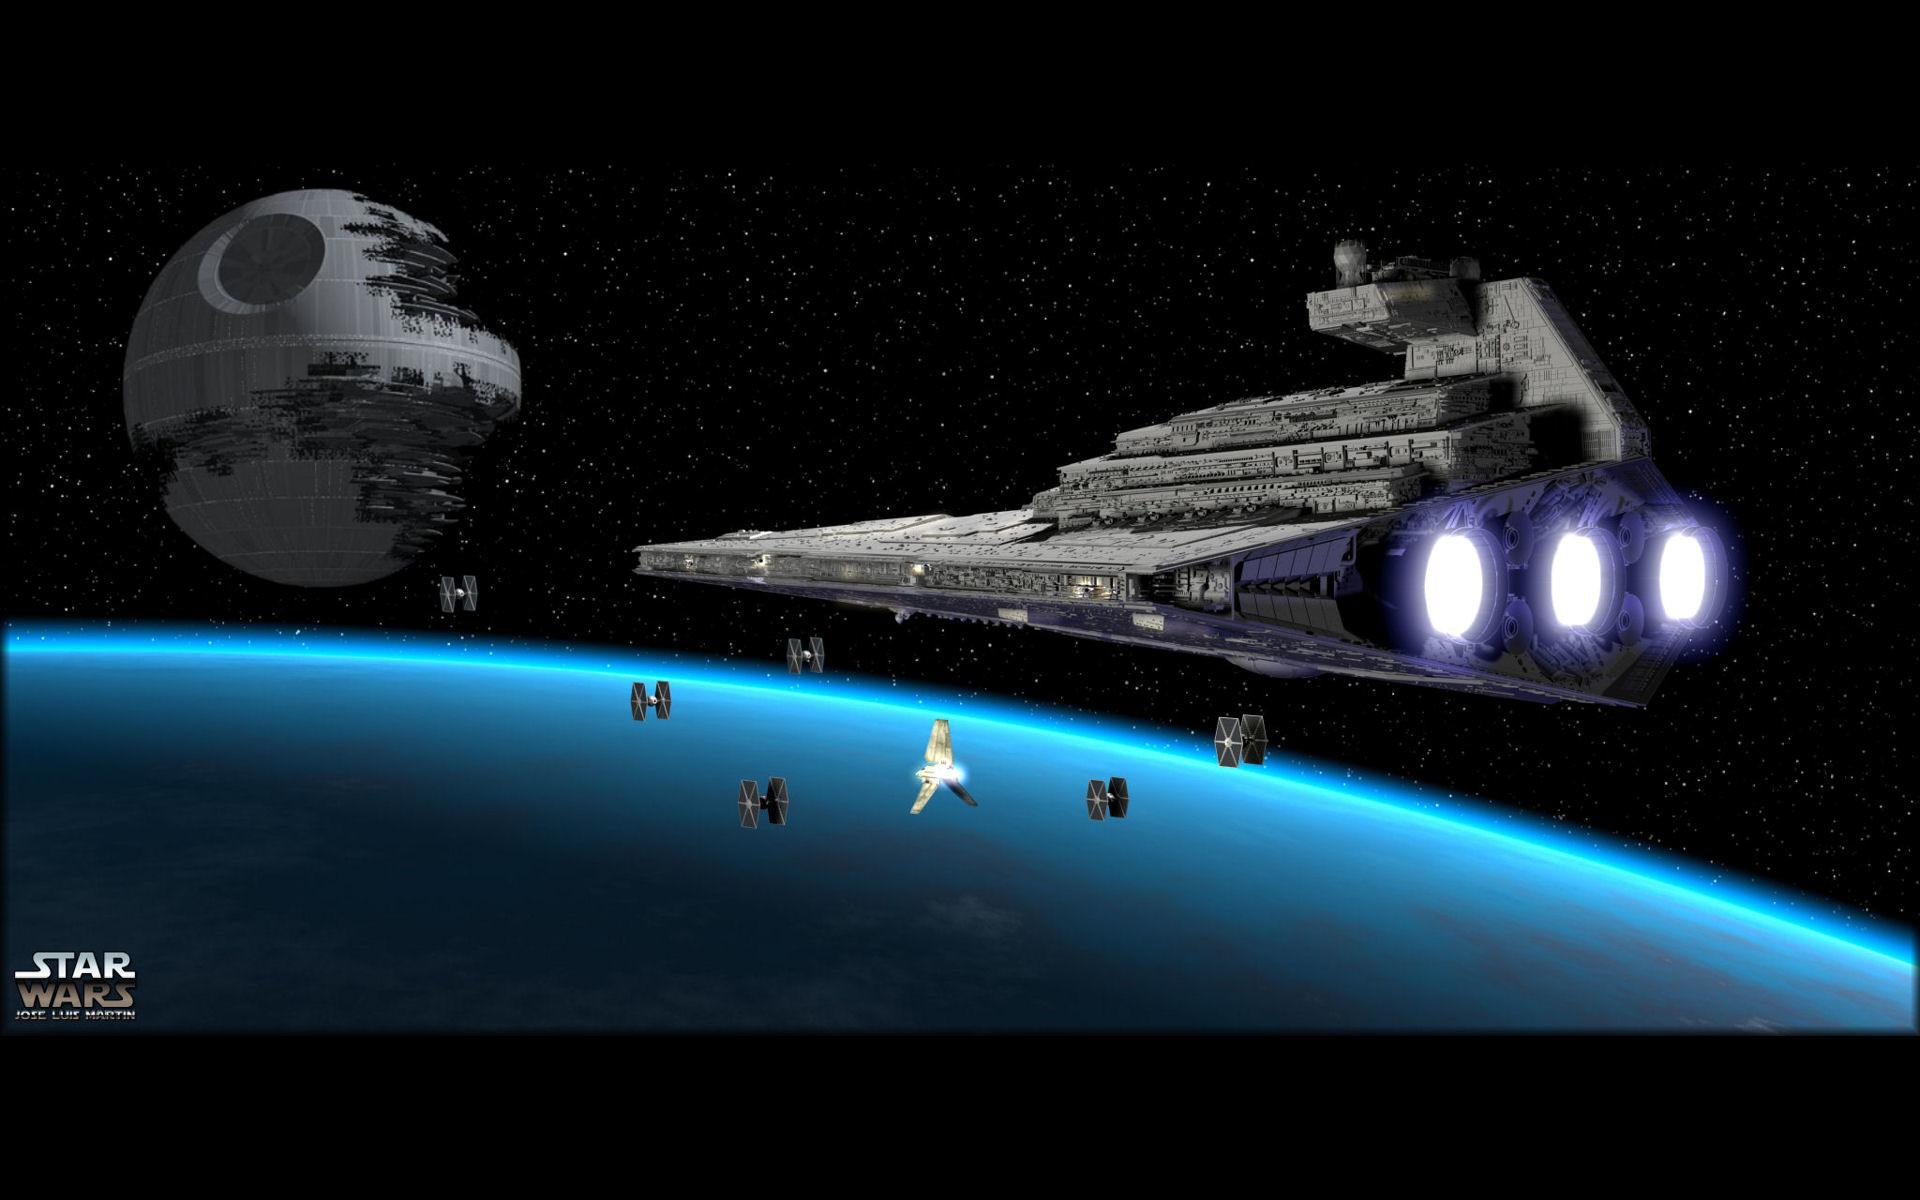 Star Wars Desktop Wallpapers Moving 54 Images